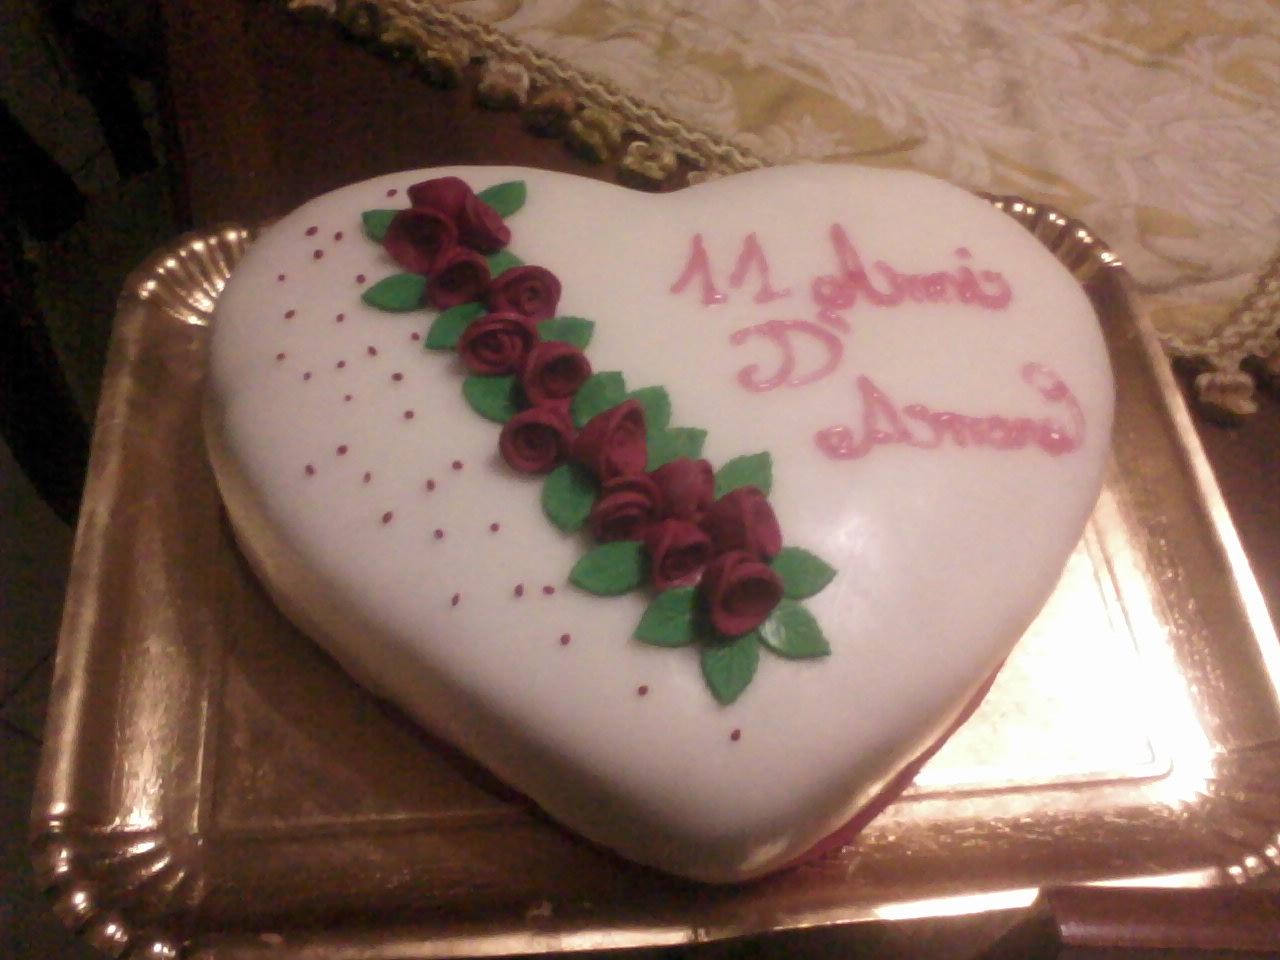 Conosciuto i dolci di anna: torta per anniversario di matrimonio!!!! JR91